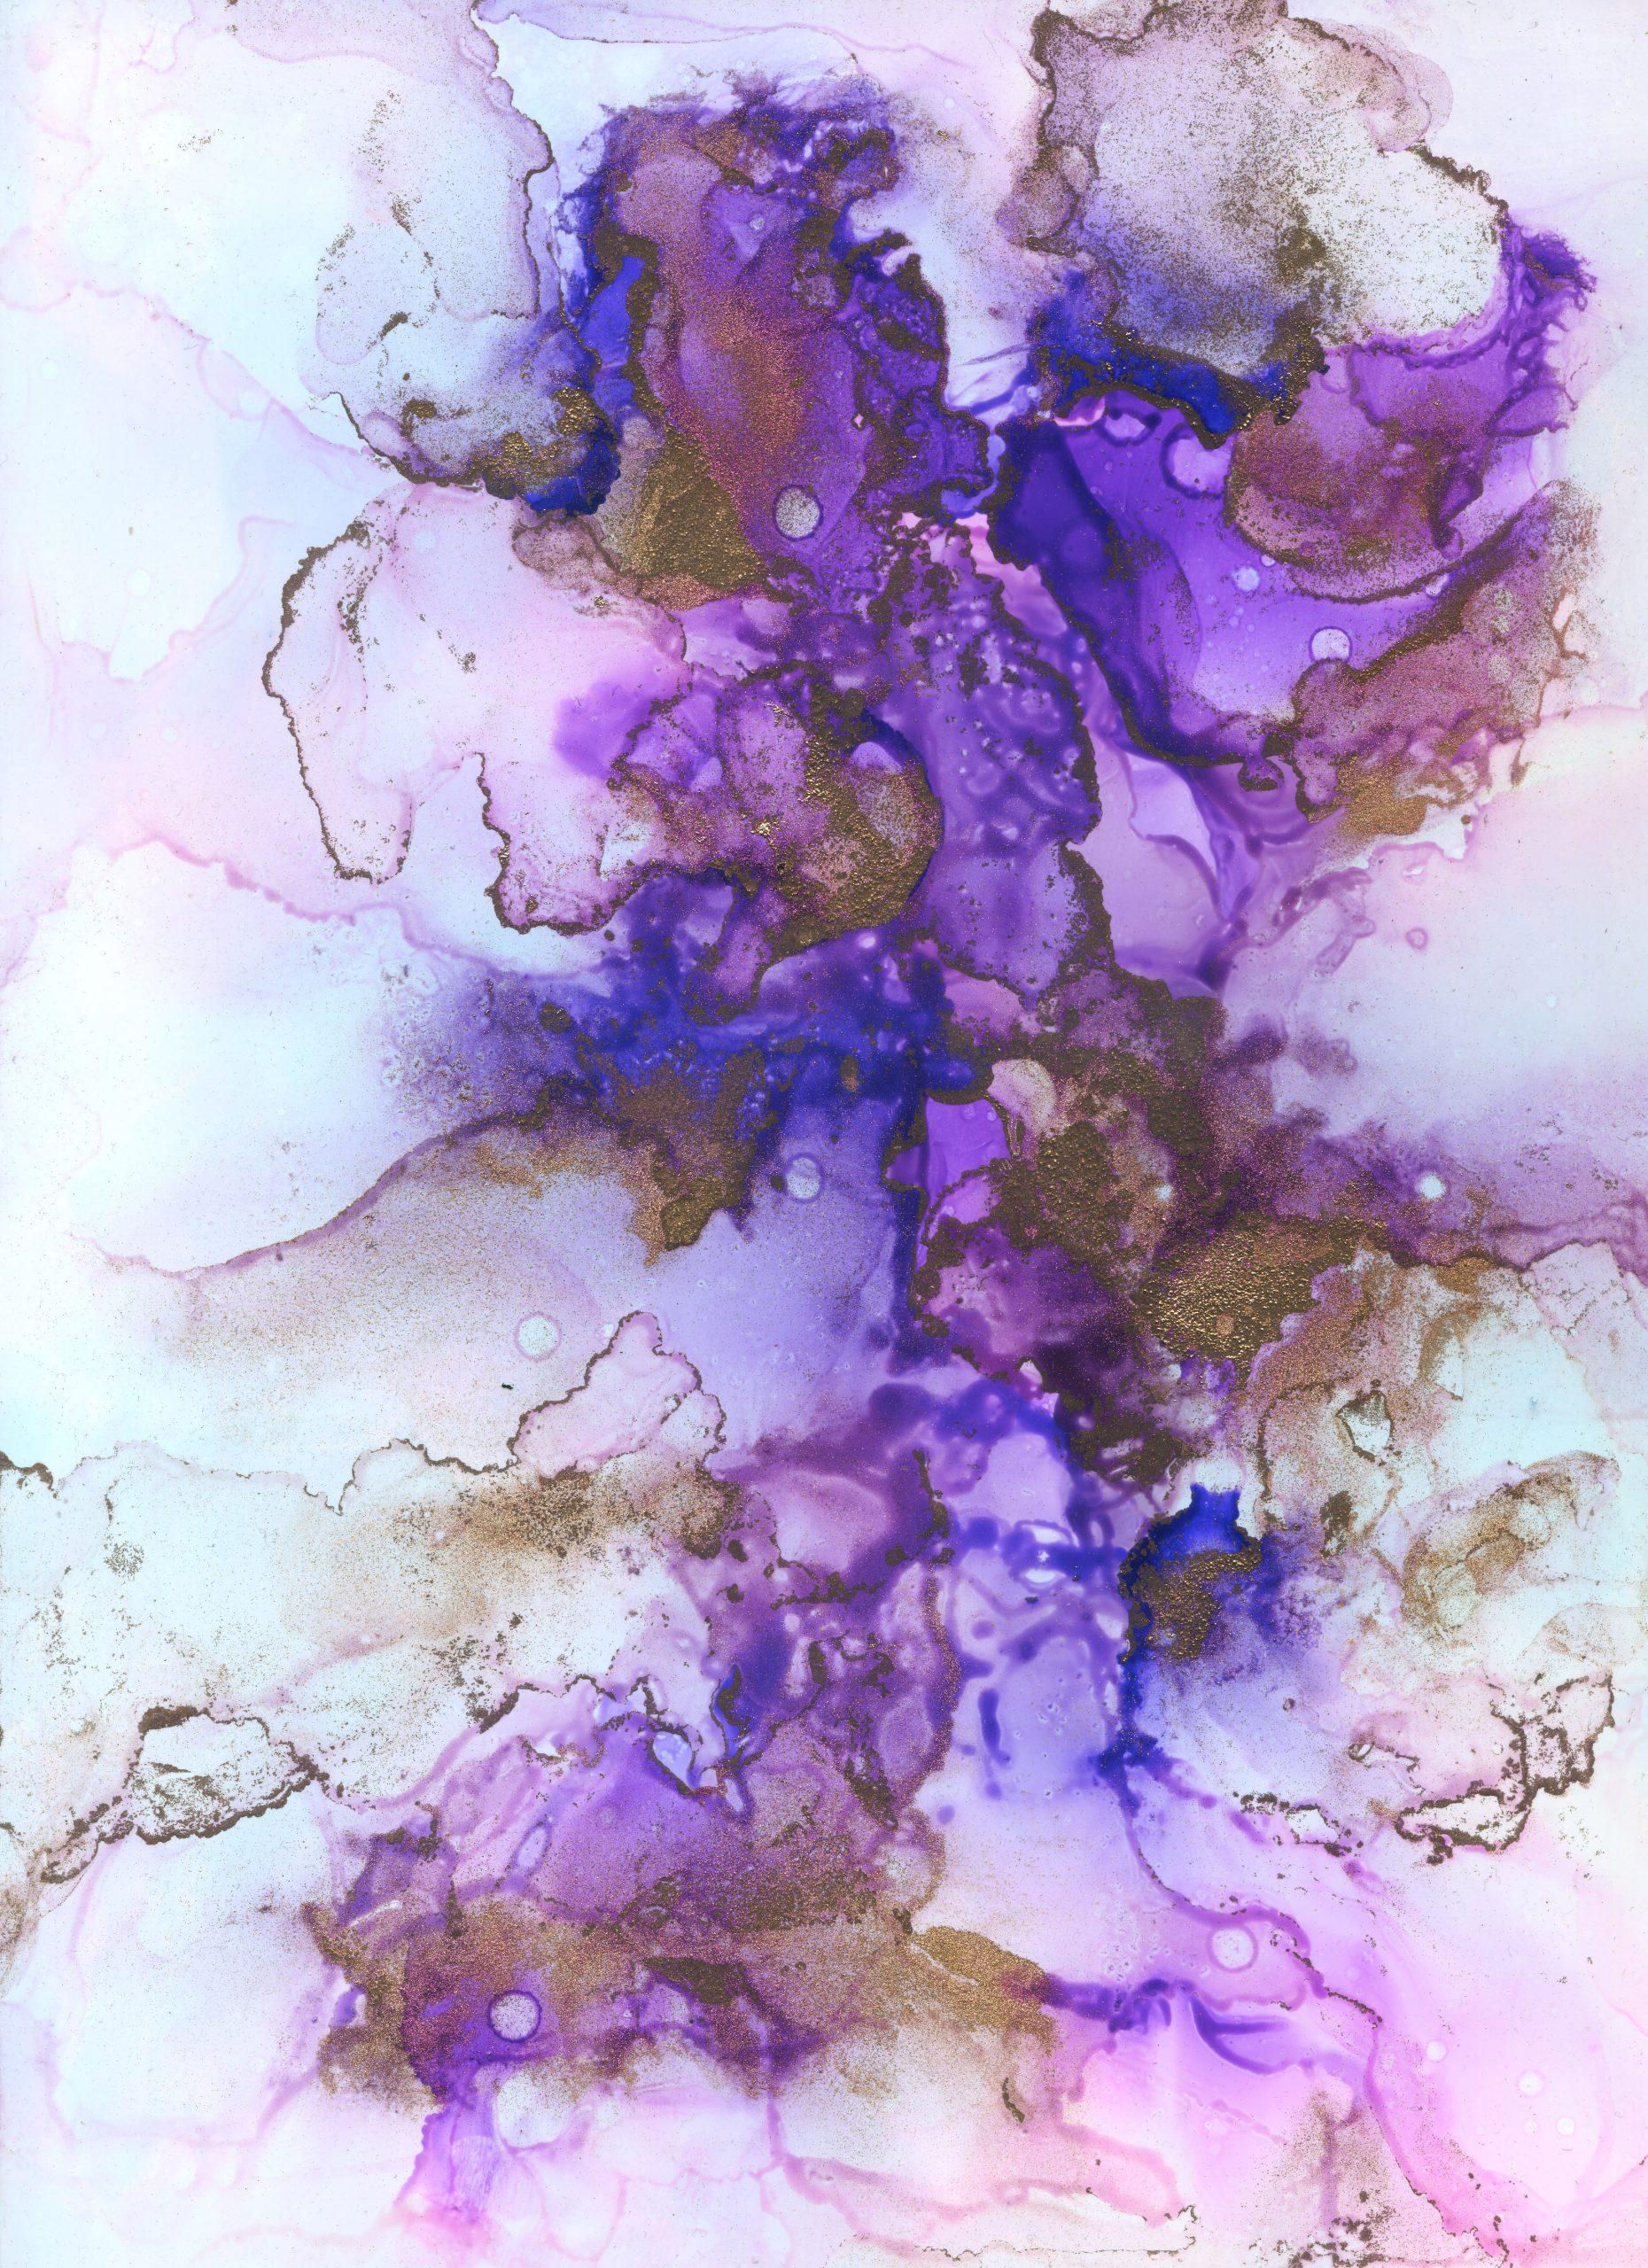 Lavender Nebula - Alcohol Ink - 9 X 12 - $140